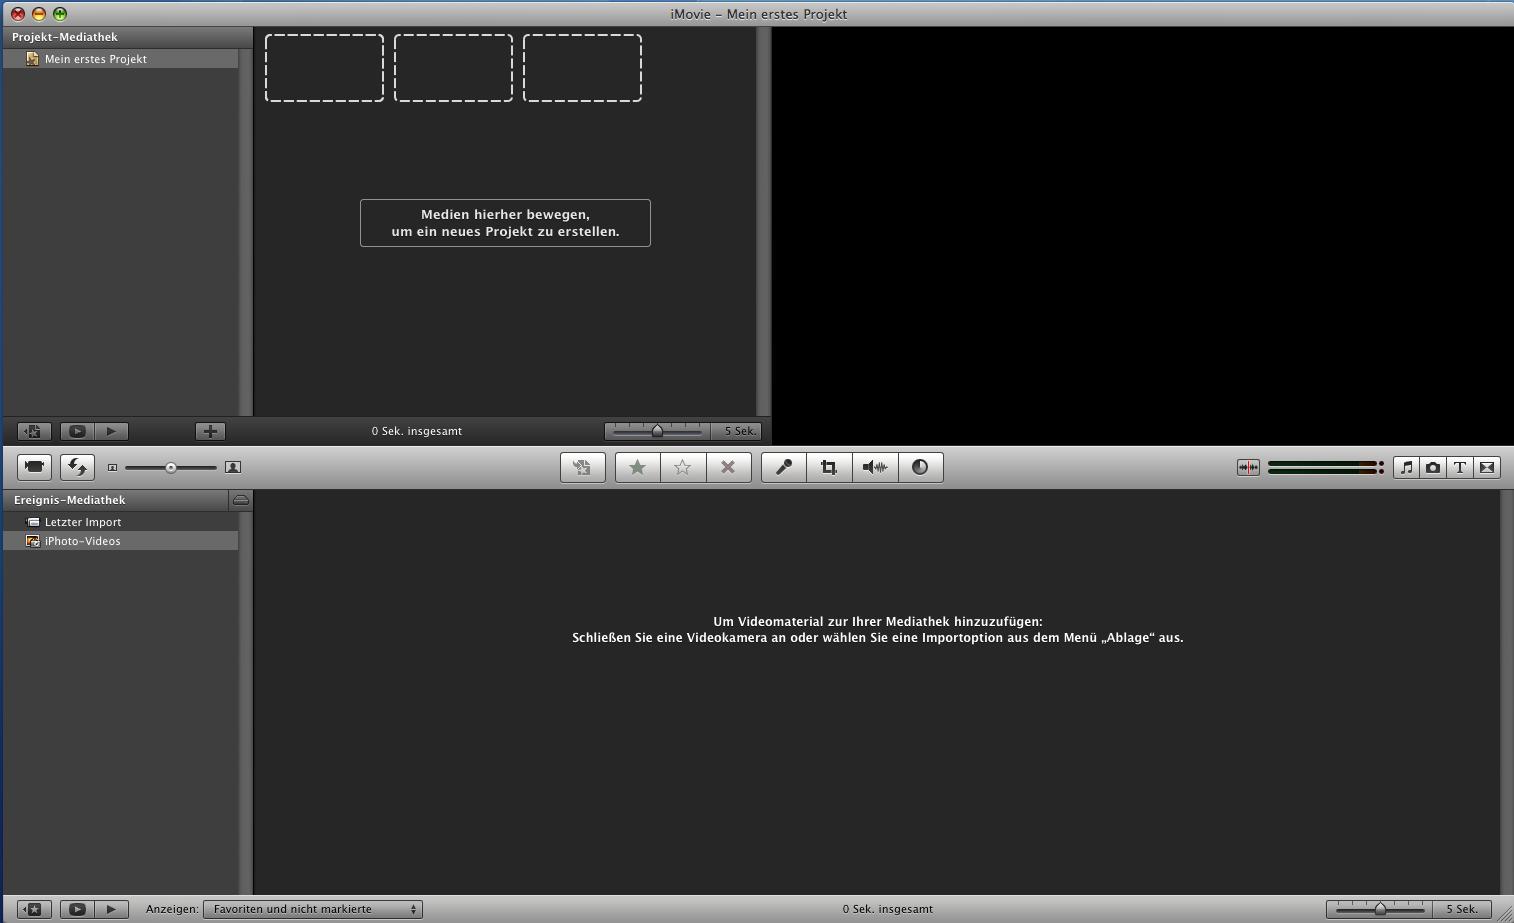 Das iMovie-Programmfenster